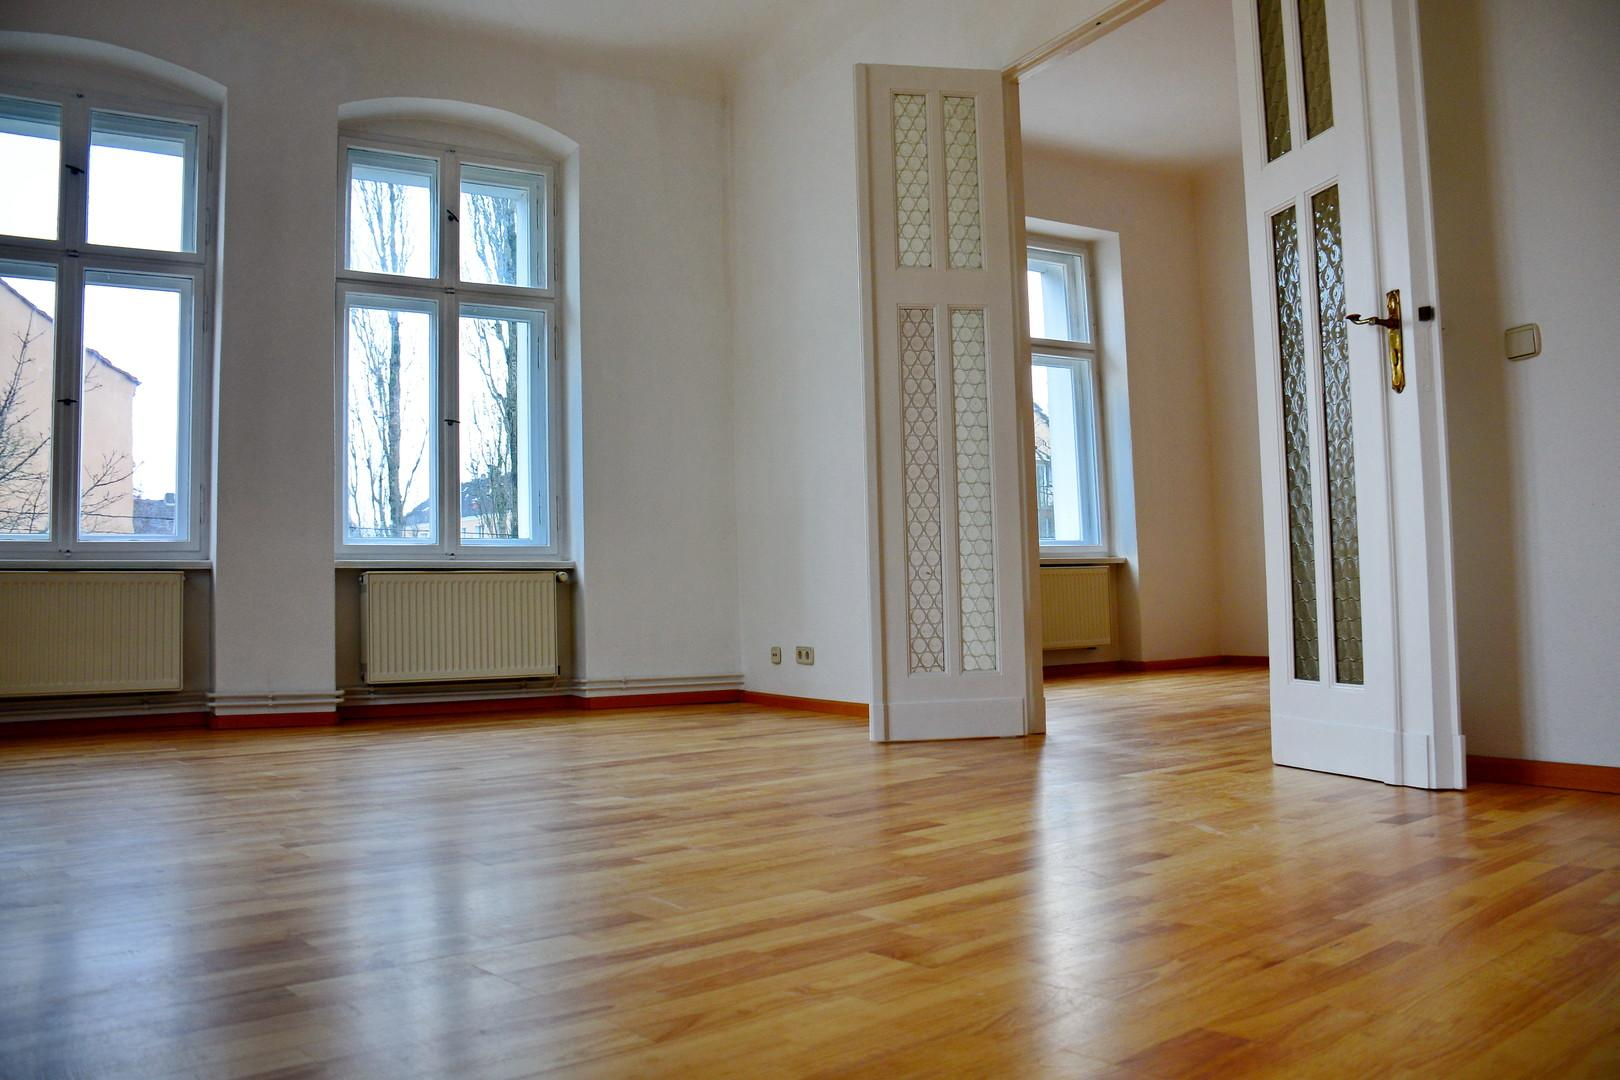 Küche Mieten Berlin | Wohnung Mieten Berlin 4 Zimmer Top Saniert Lift Gr Kuche Gaste